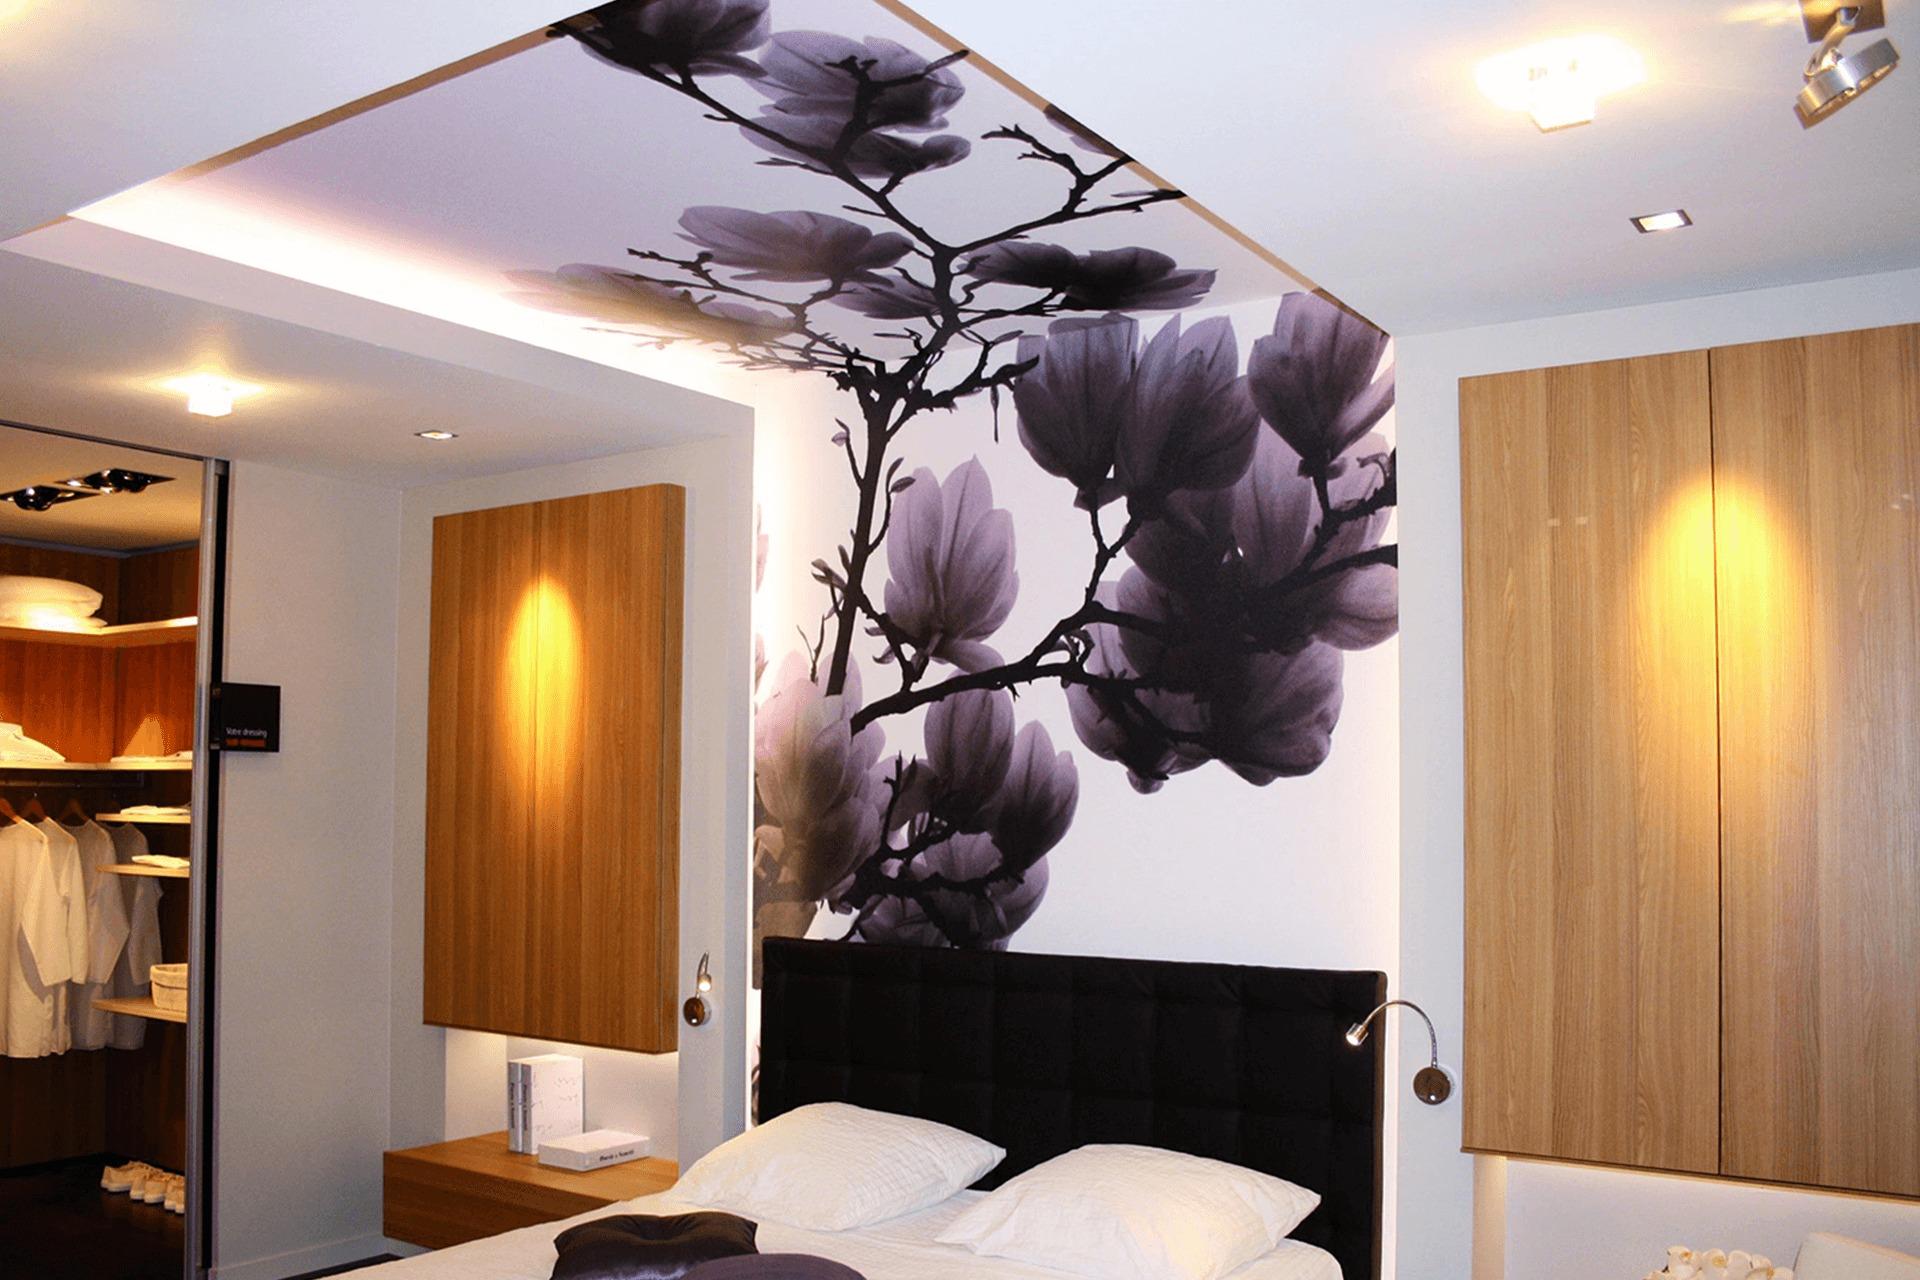 Натяжной потолок и натяжная стена в спальне  - цветы